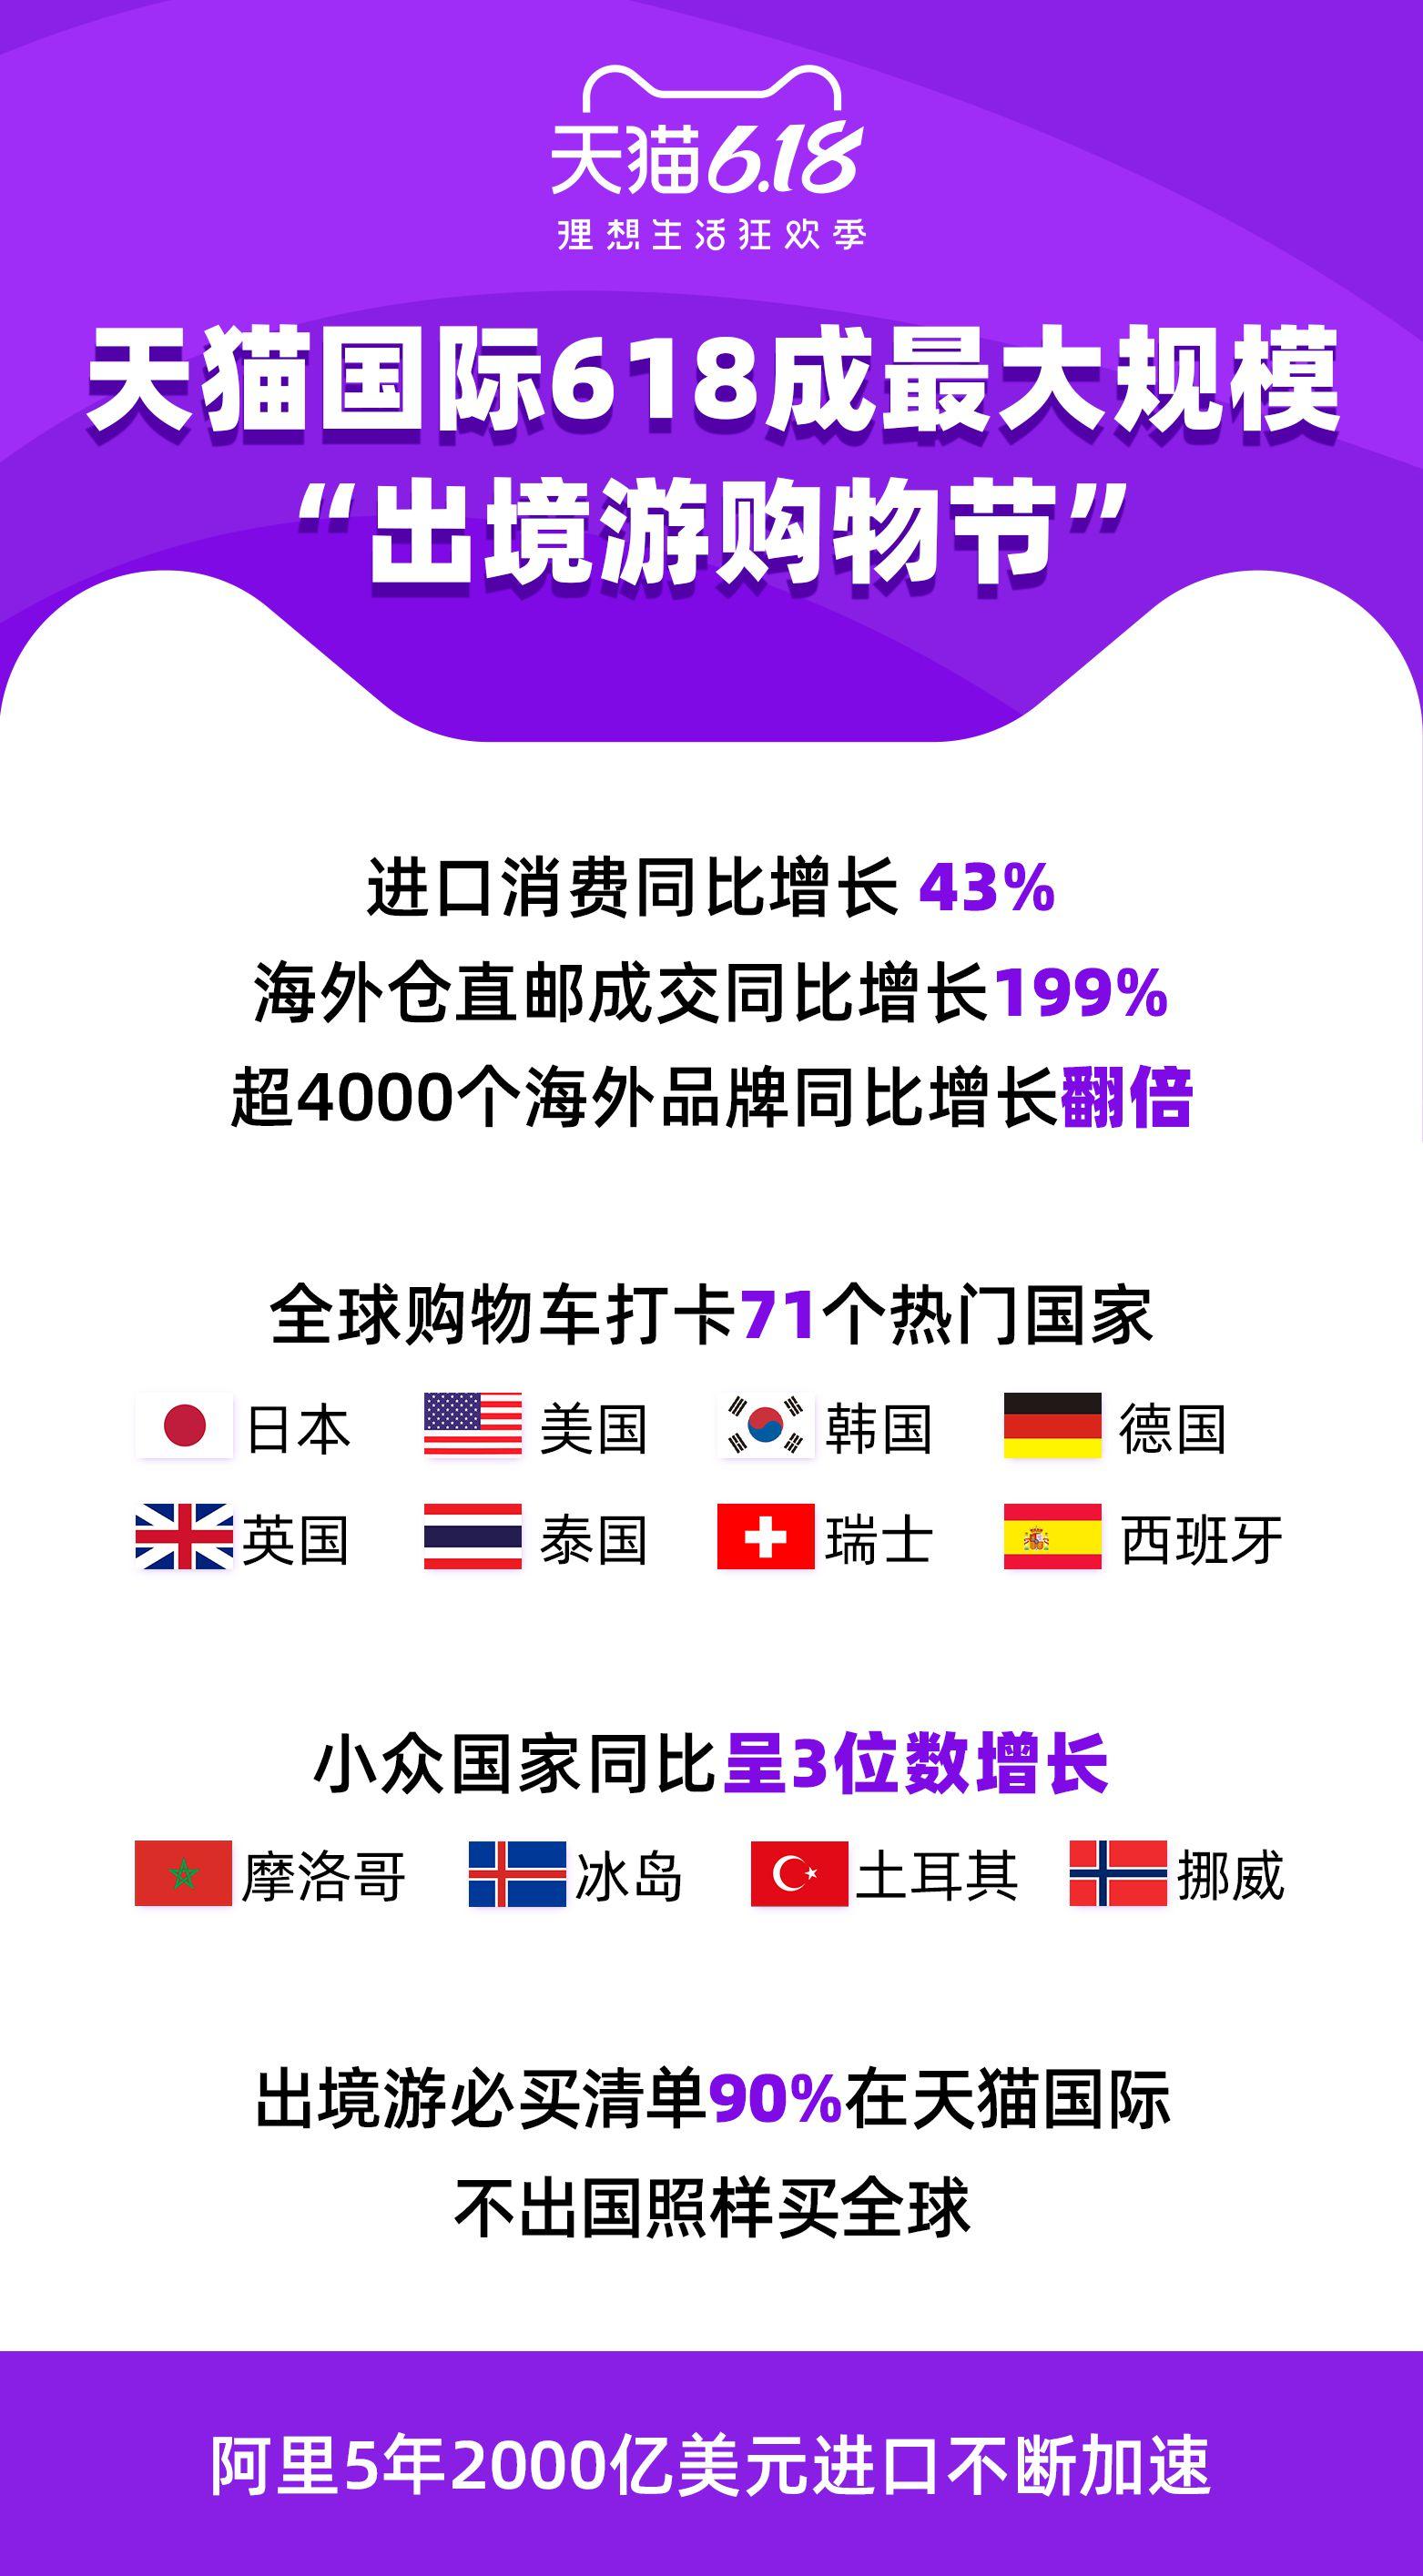 天猫国际618进口消费同比增长43%_<a href=